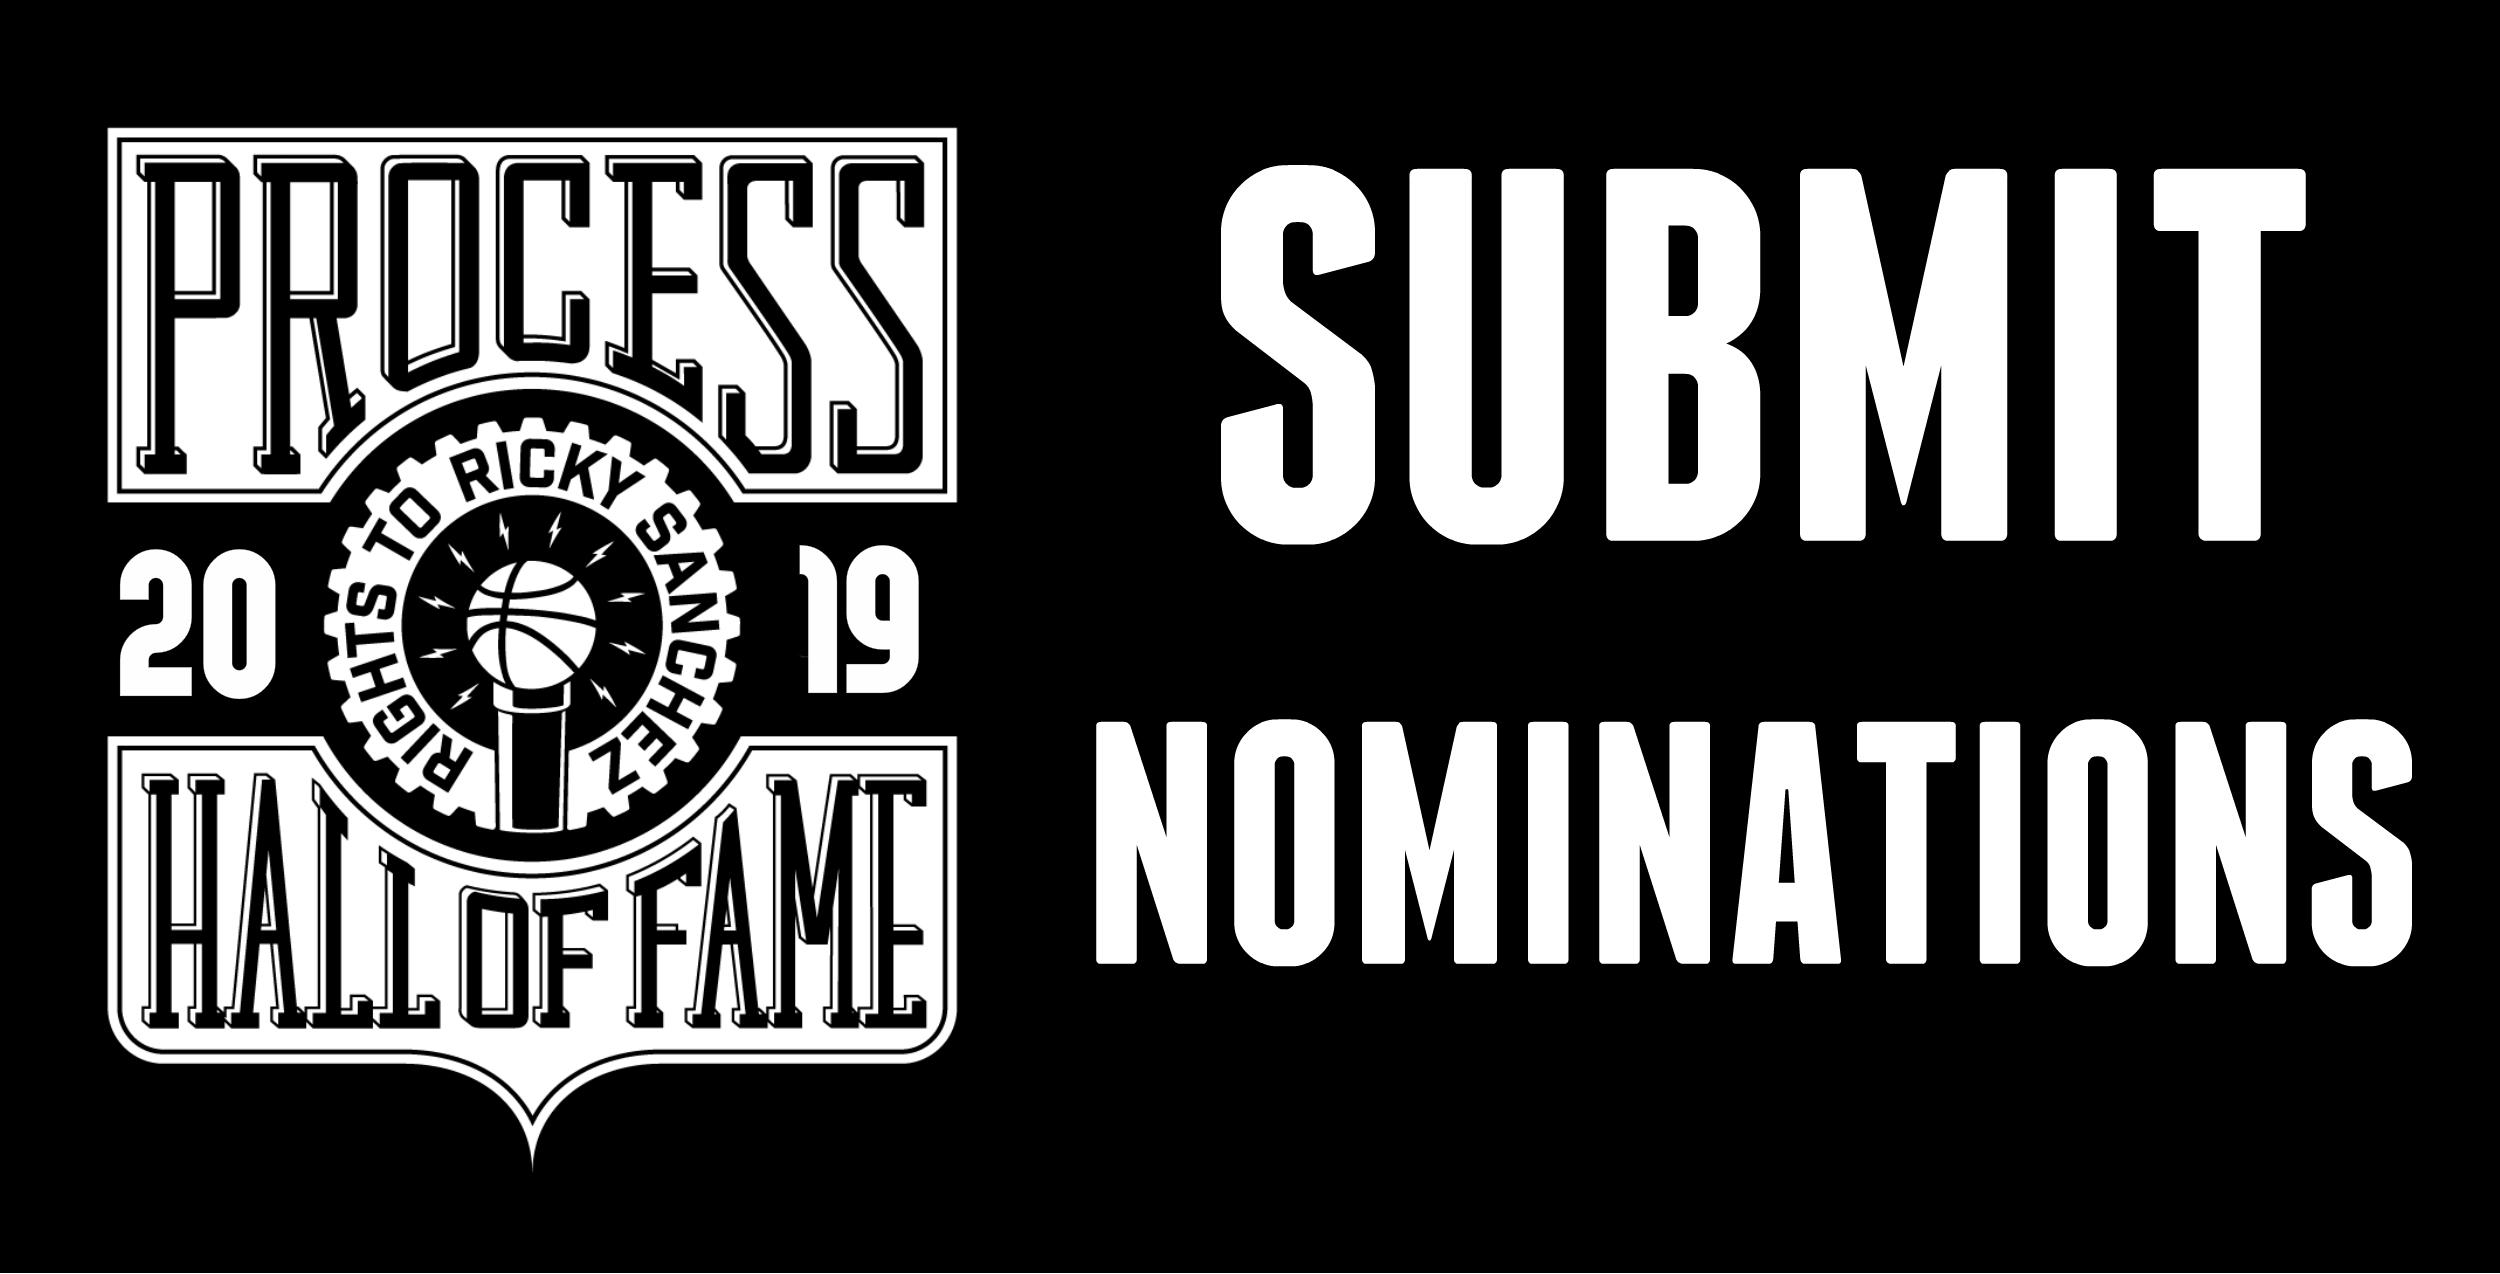 2019 Nominations.jpg